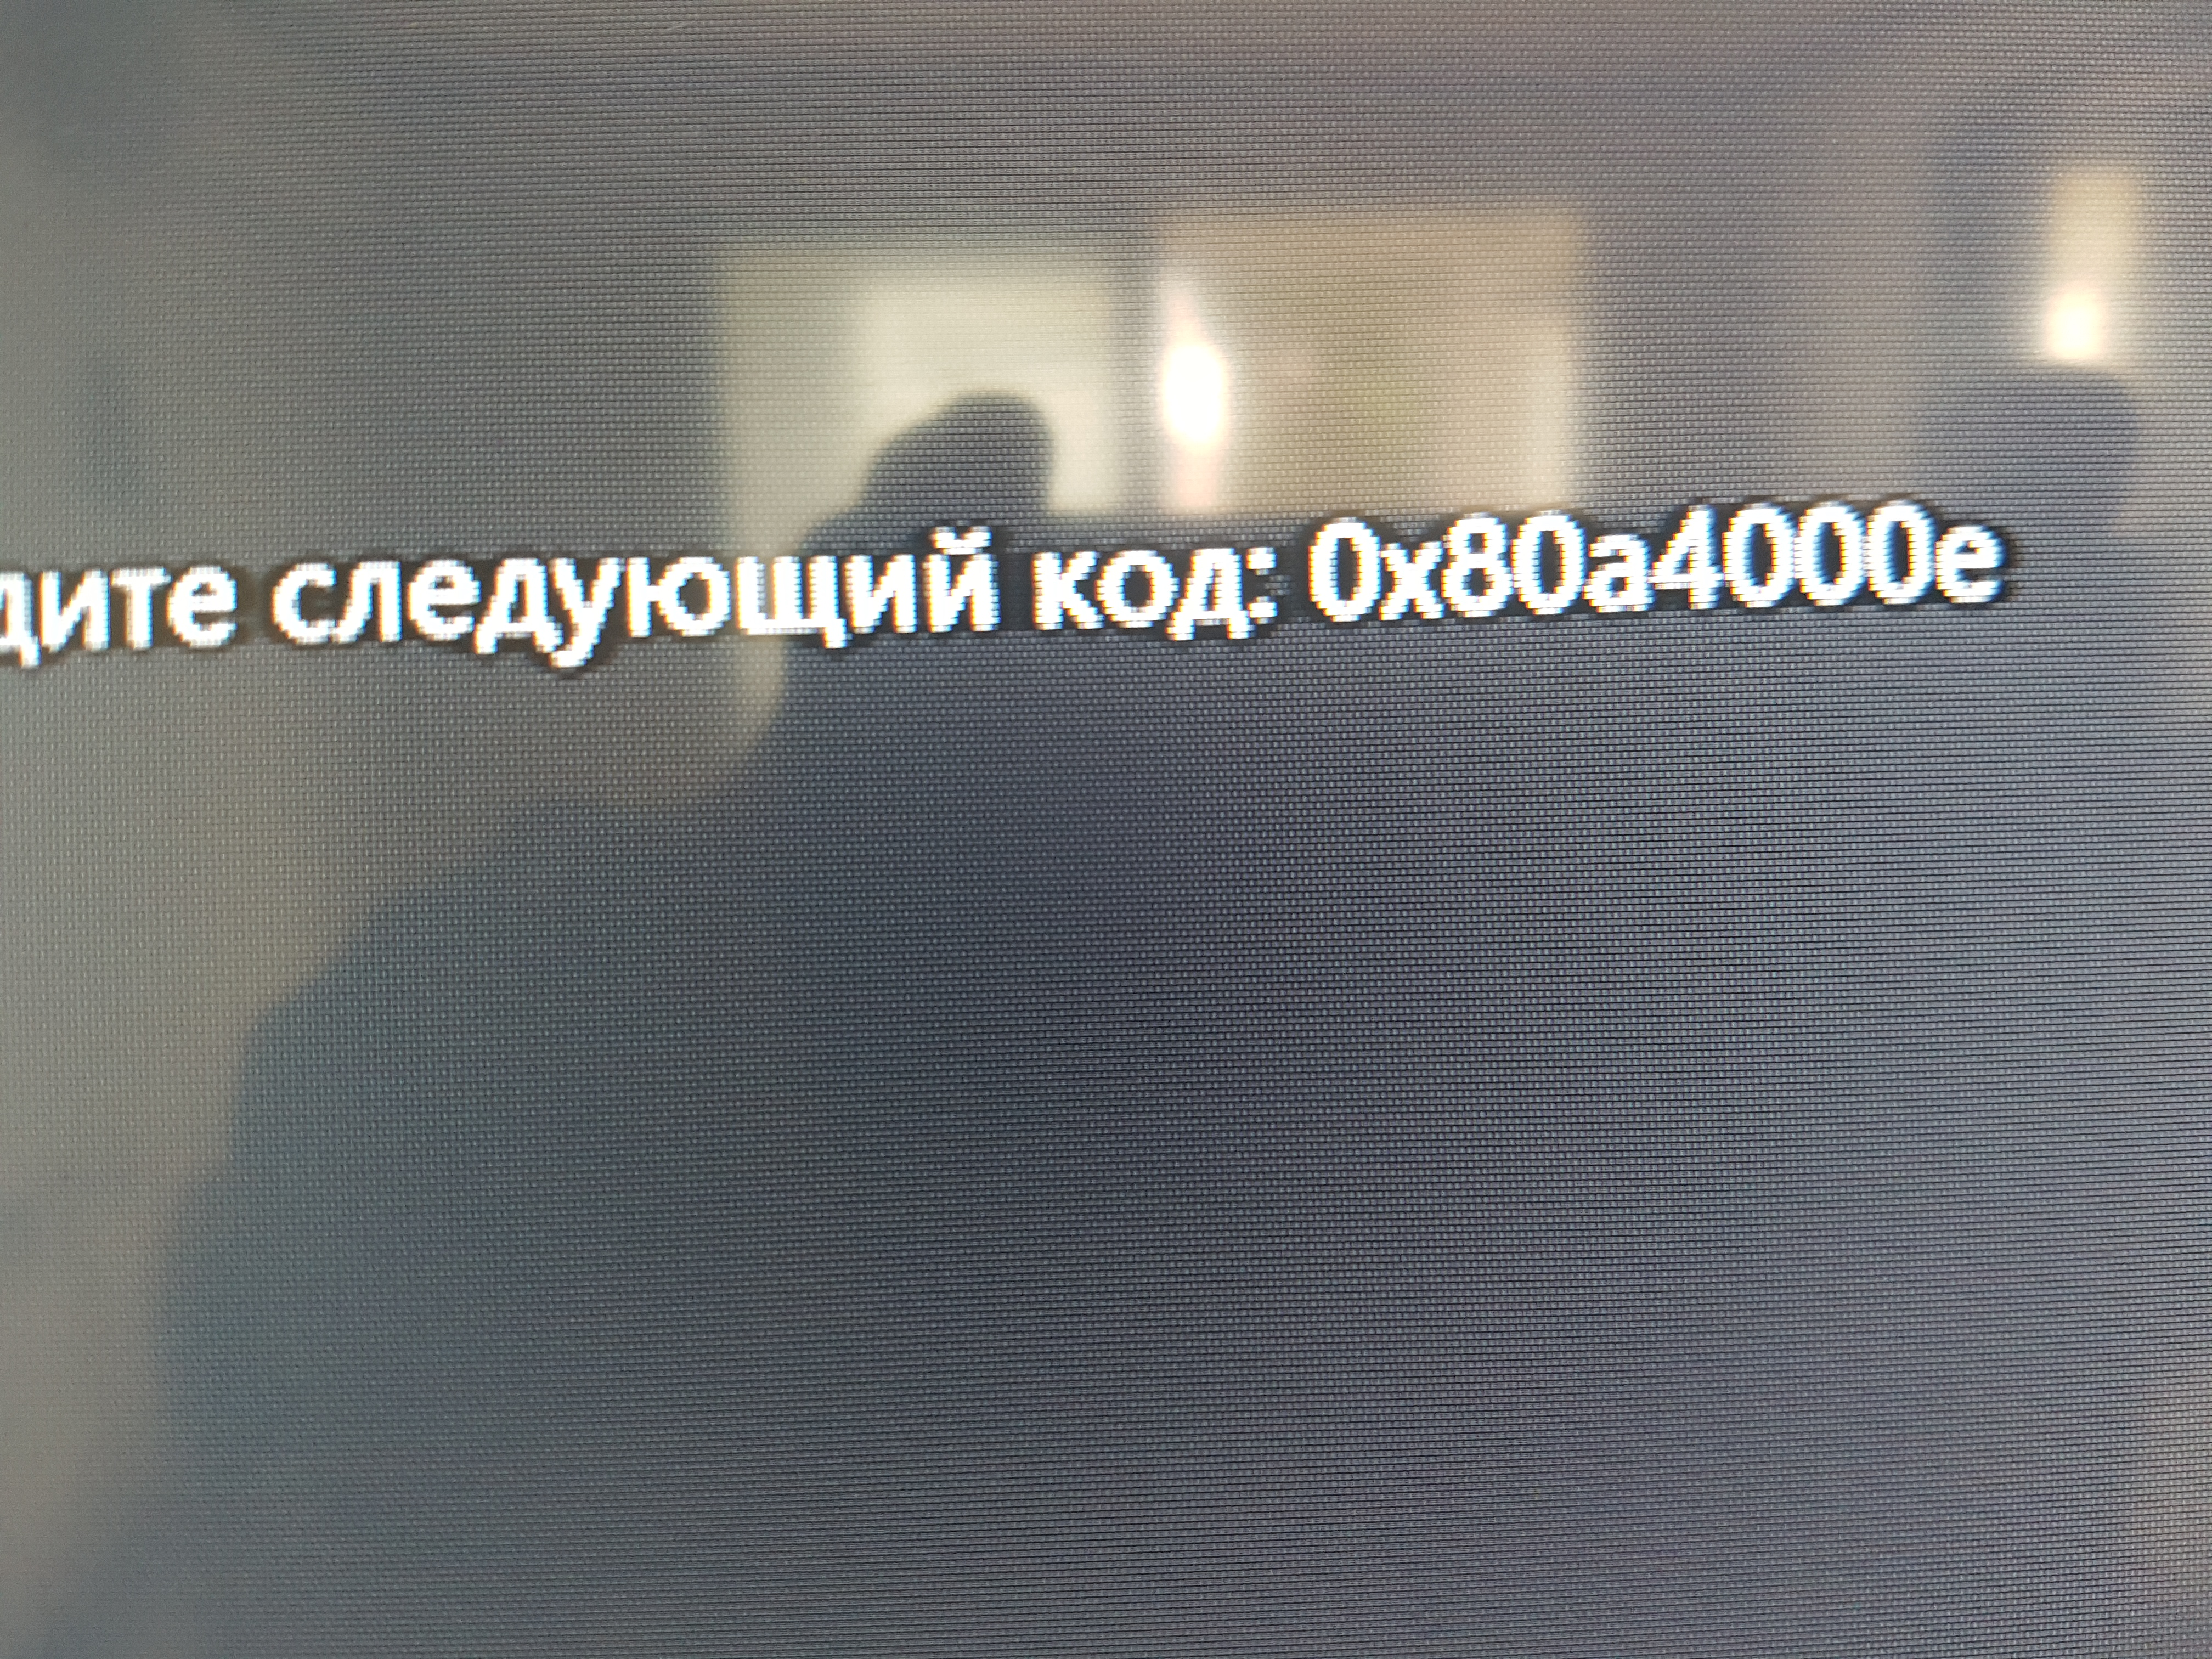 Error 0×80a4000e [IMG]